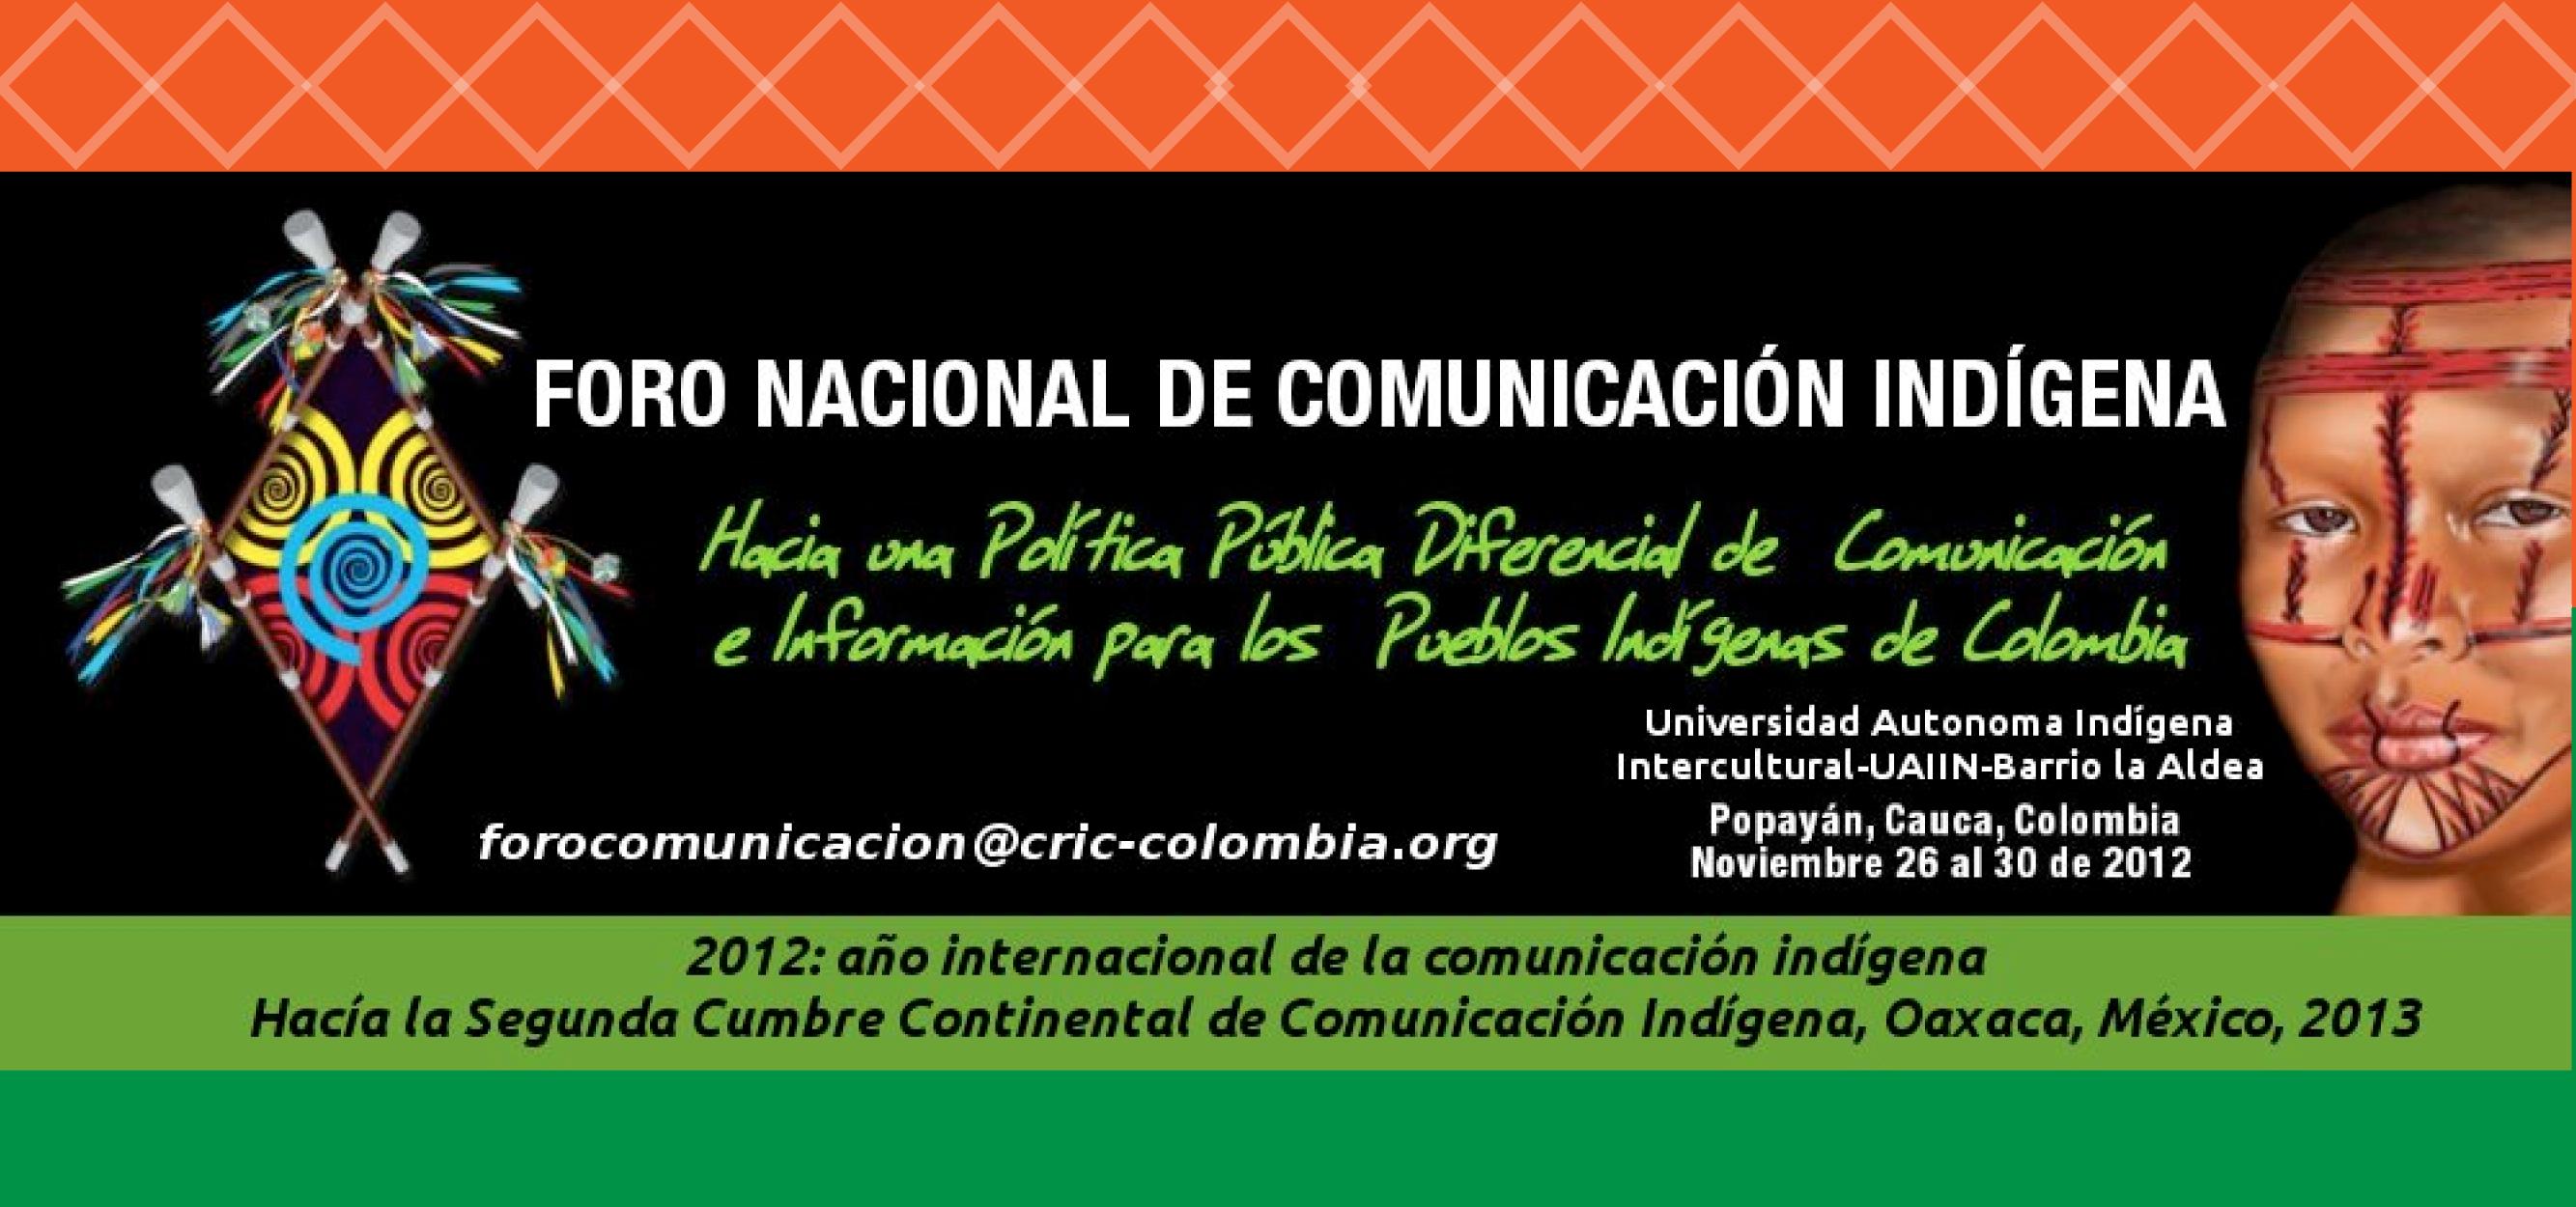 Foro Nacional De Comunicacíon Indígena